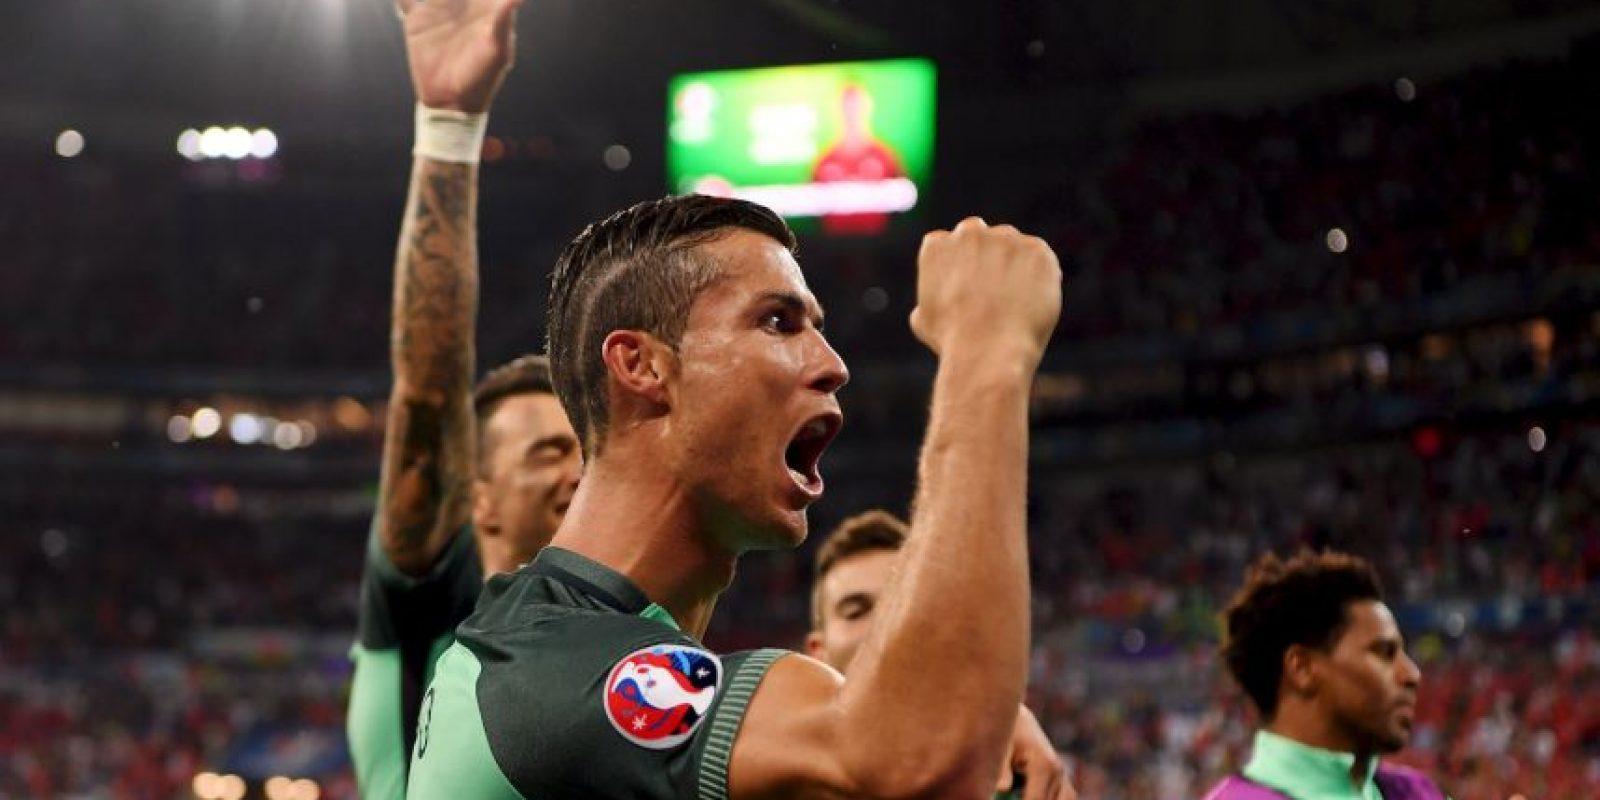 En semifinales exhibieron su mejor juego y ganaron por 2 a 0 a Gales, con un tanto de Cristiano Ronaldo y una asistencia del mismo jugador para que Nani convirtiera Foto:Getty Images